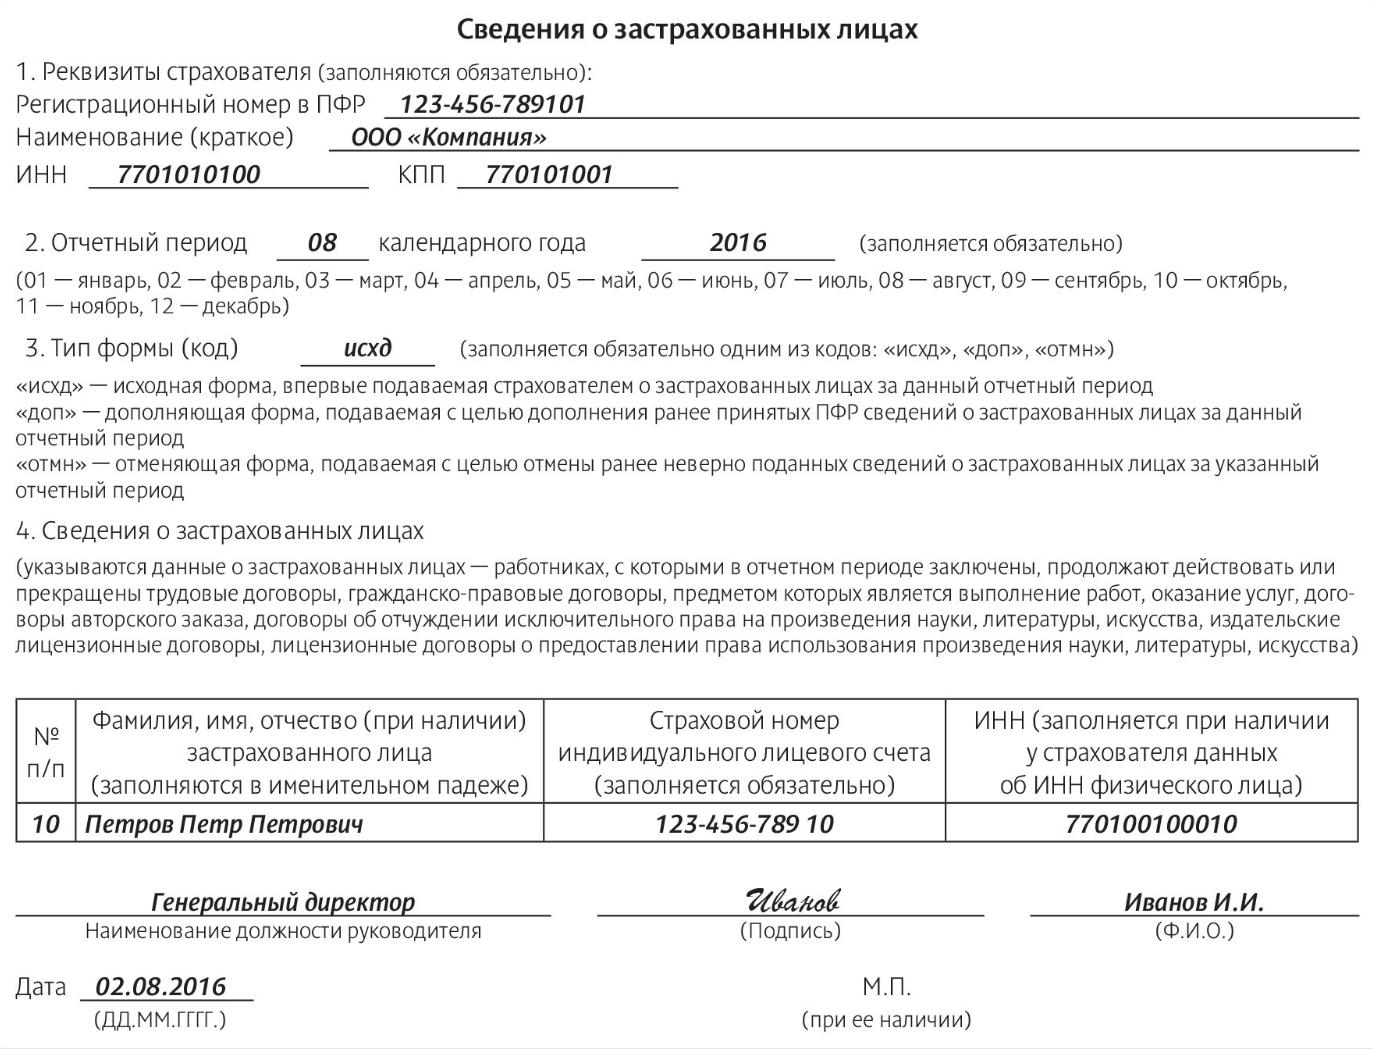 Ежемесячная отчетность в ПФР в 2016 году по форме СЗВ-М